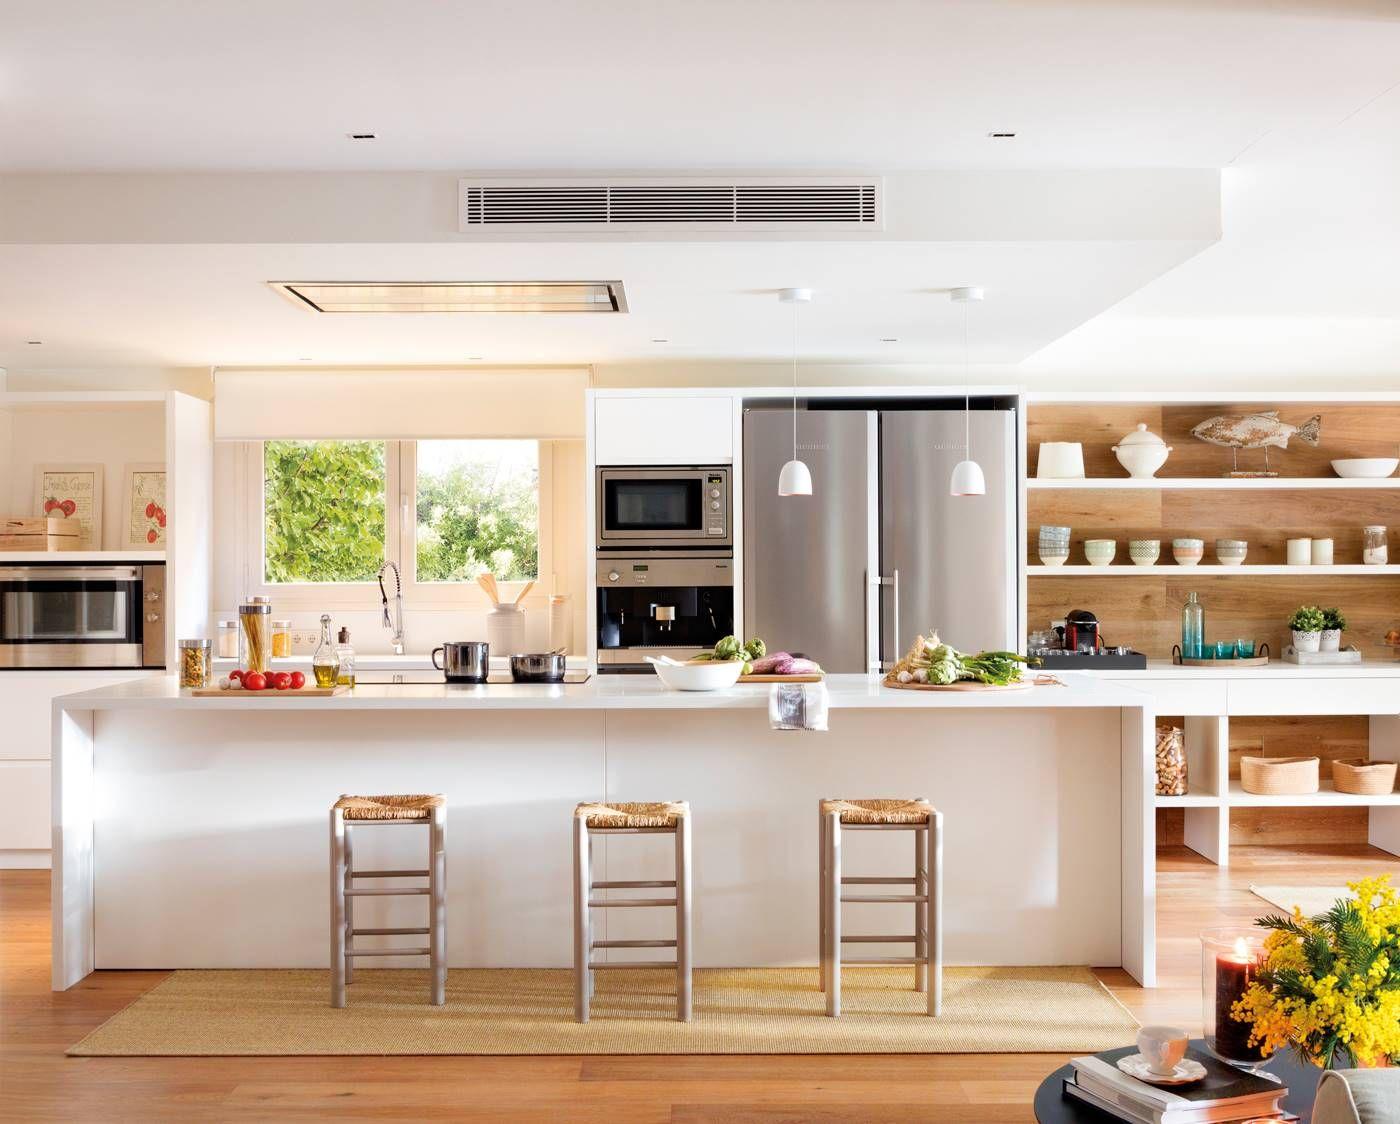 Luz Y Calidez Decoracion De Cocina Cocinas Abiertas Al Comedor Cocinas Abiertas